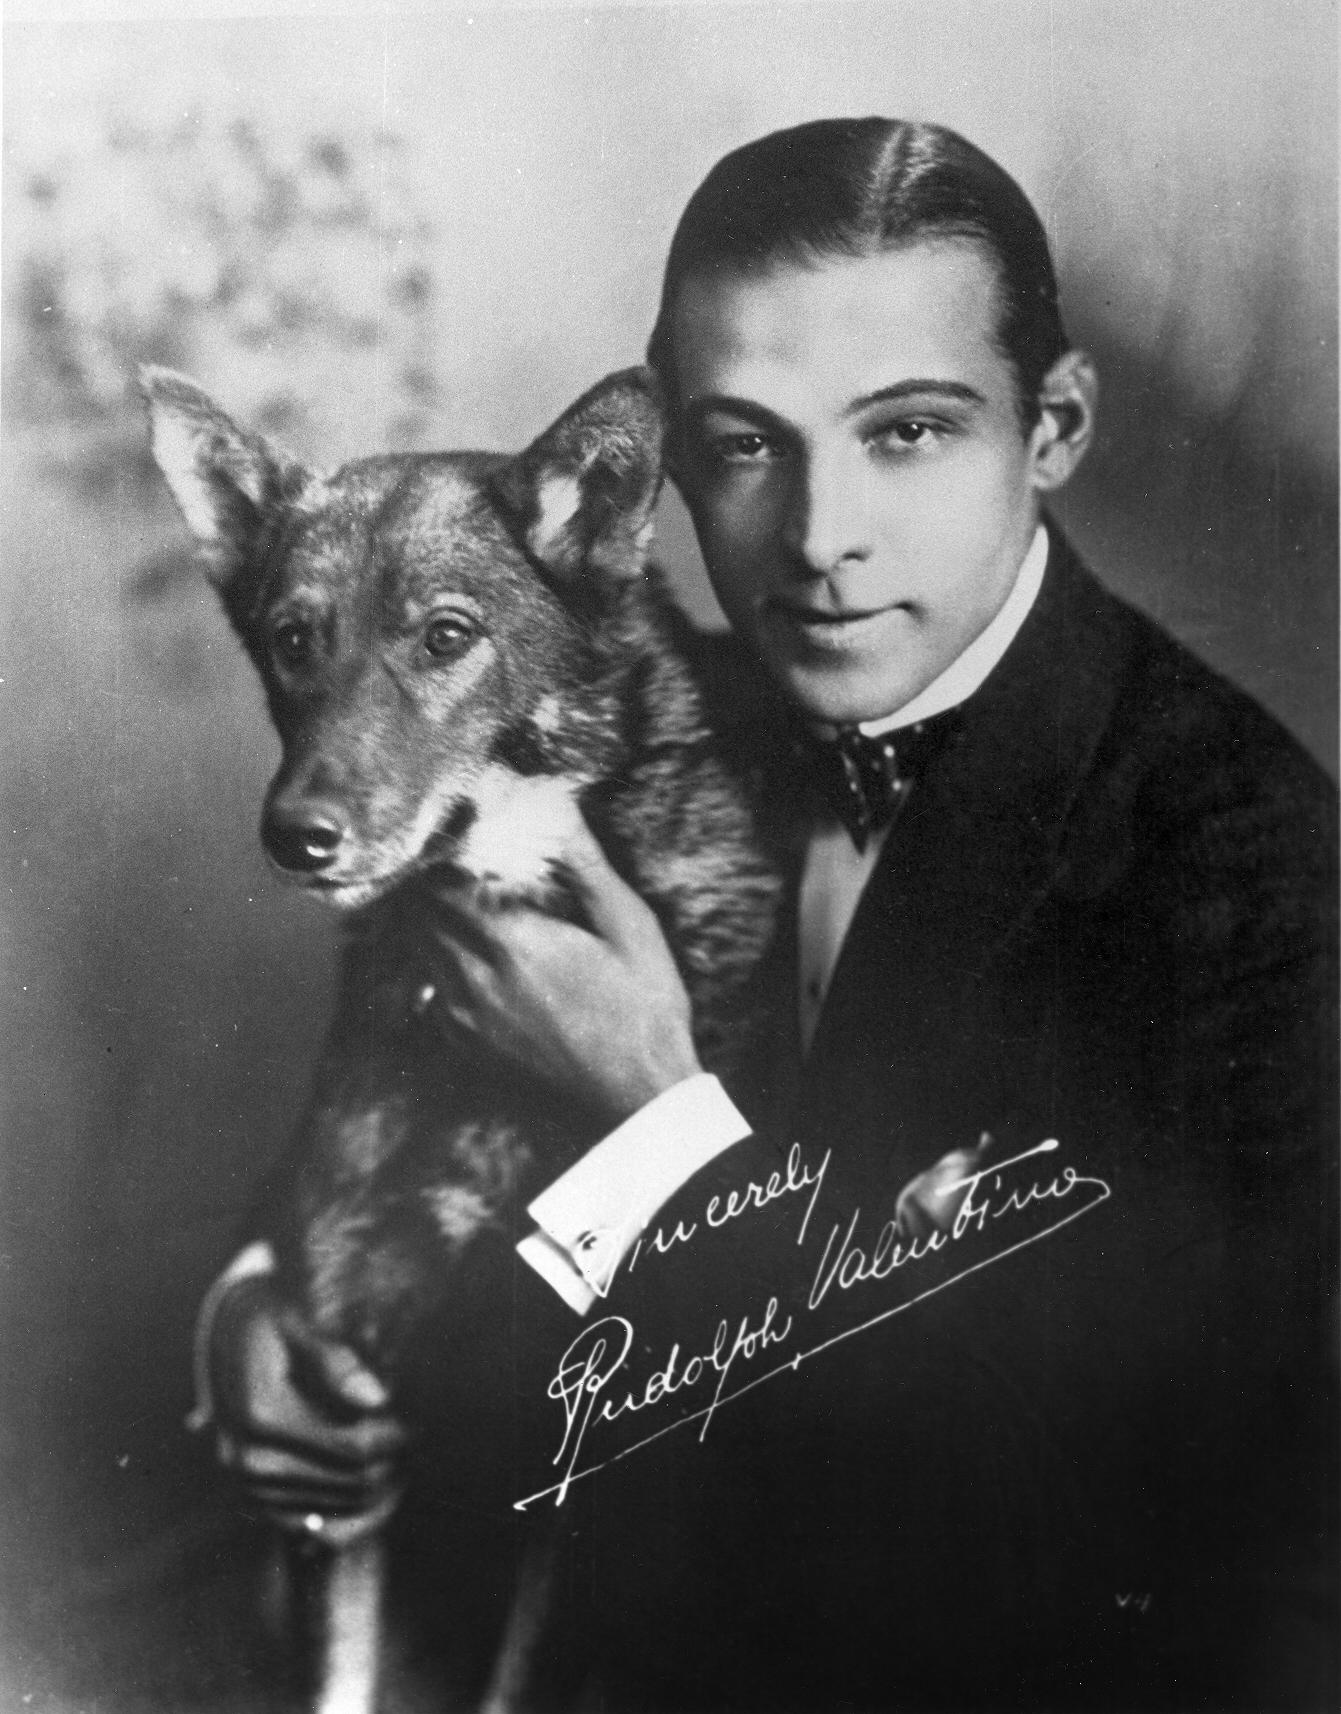 O Rudolf με τον σκύλο του...